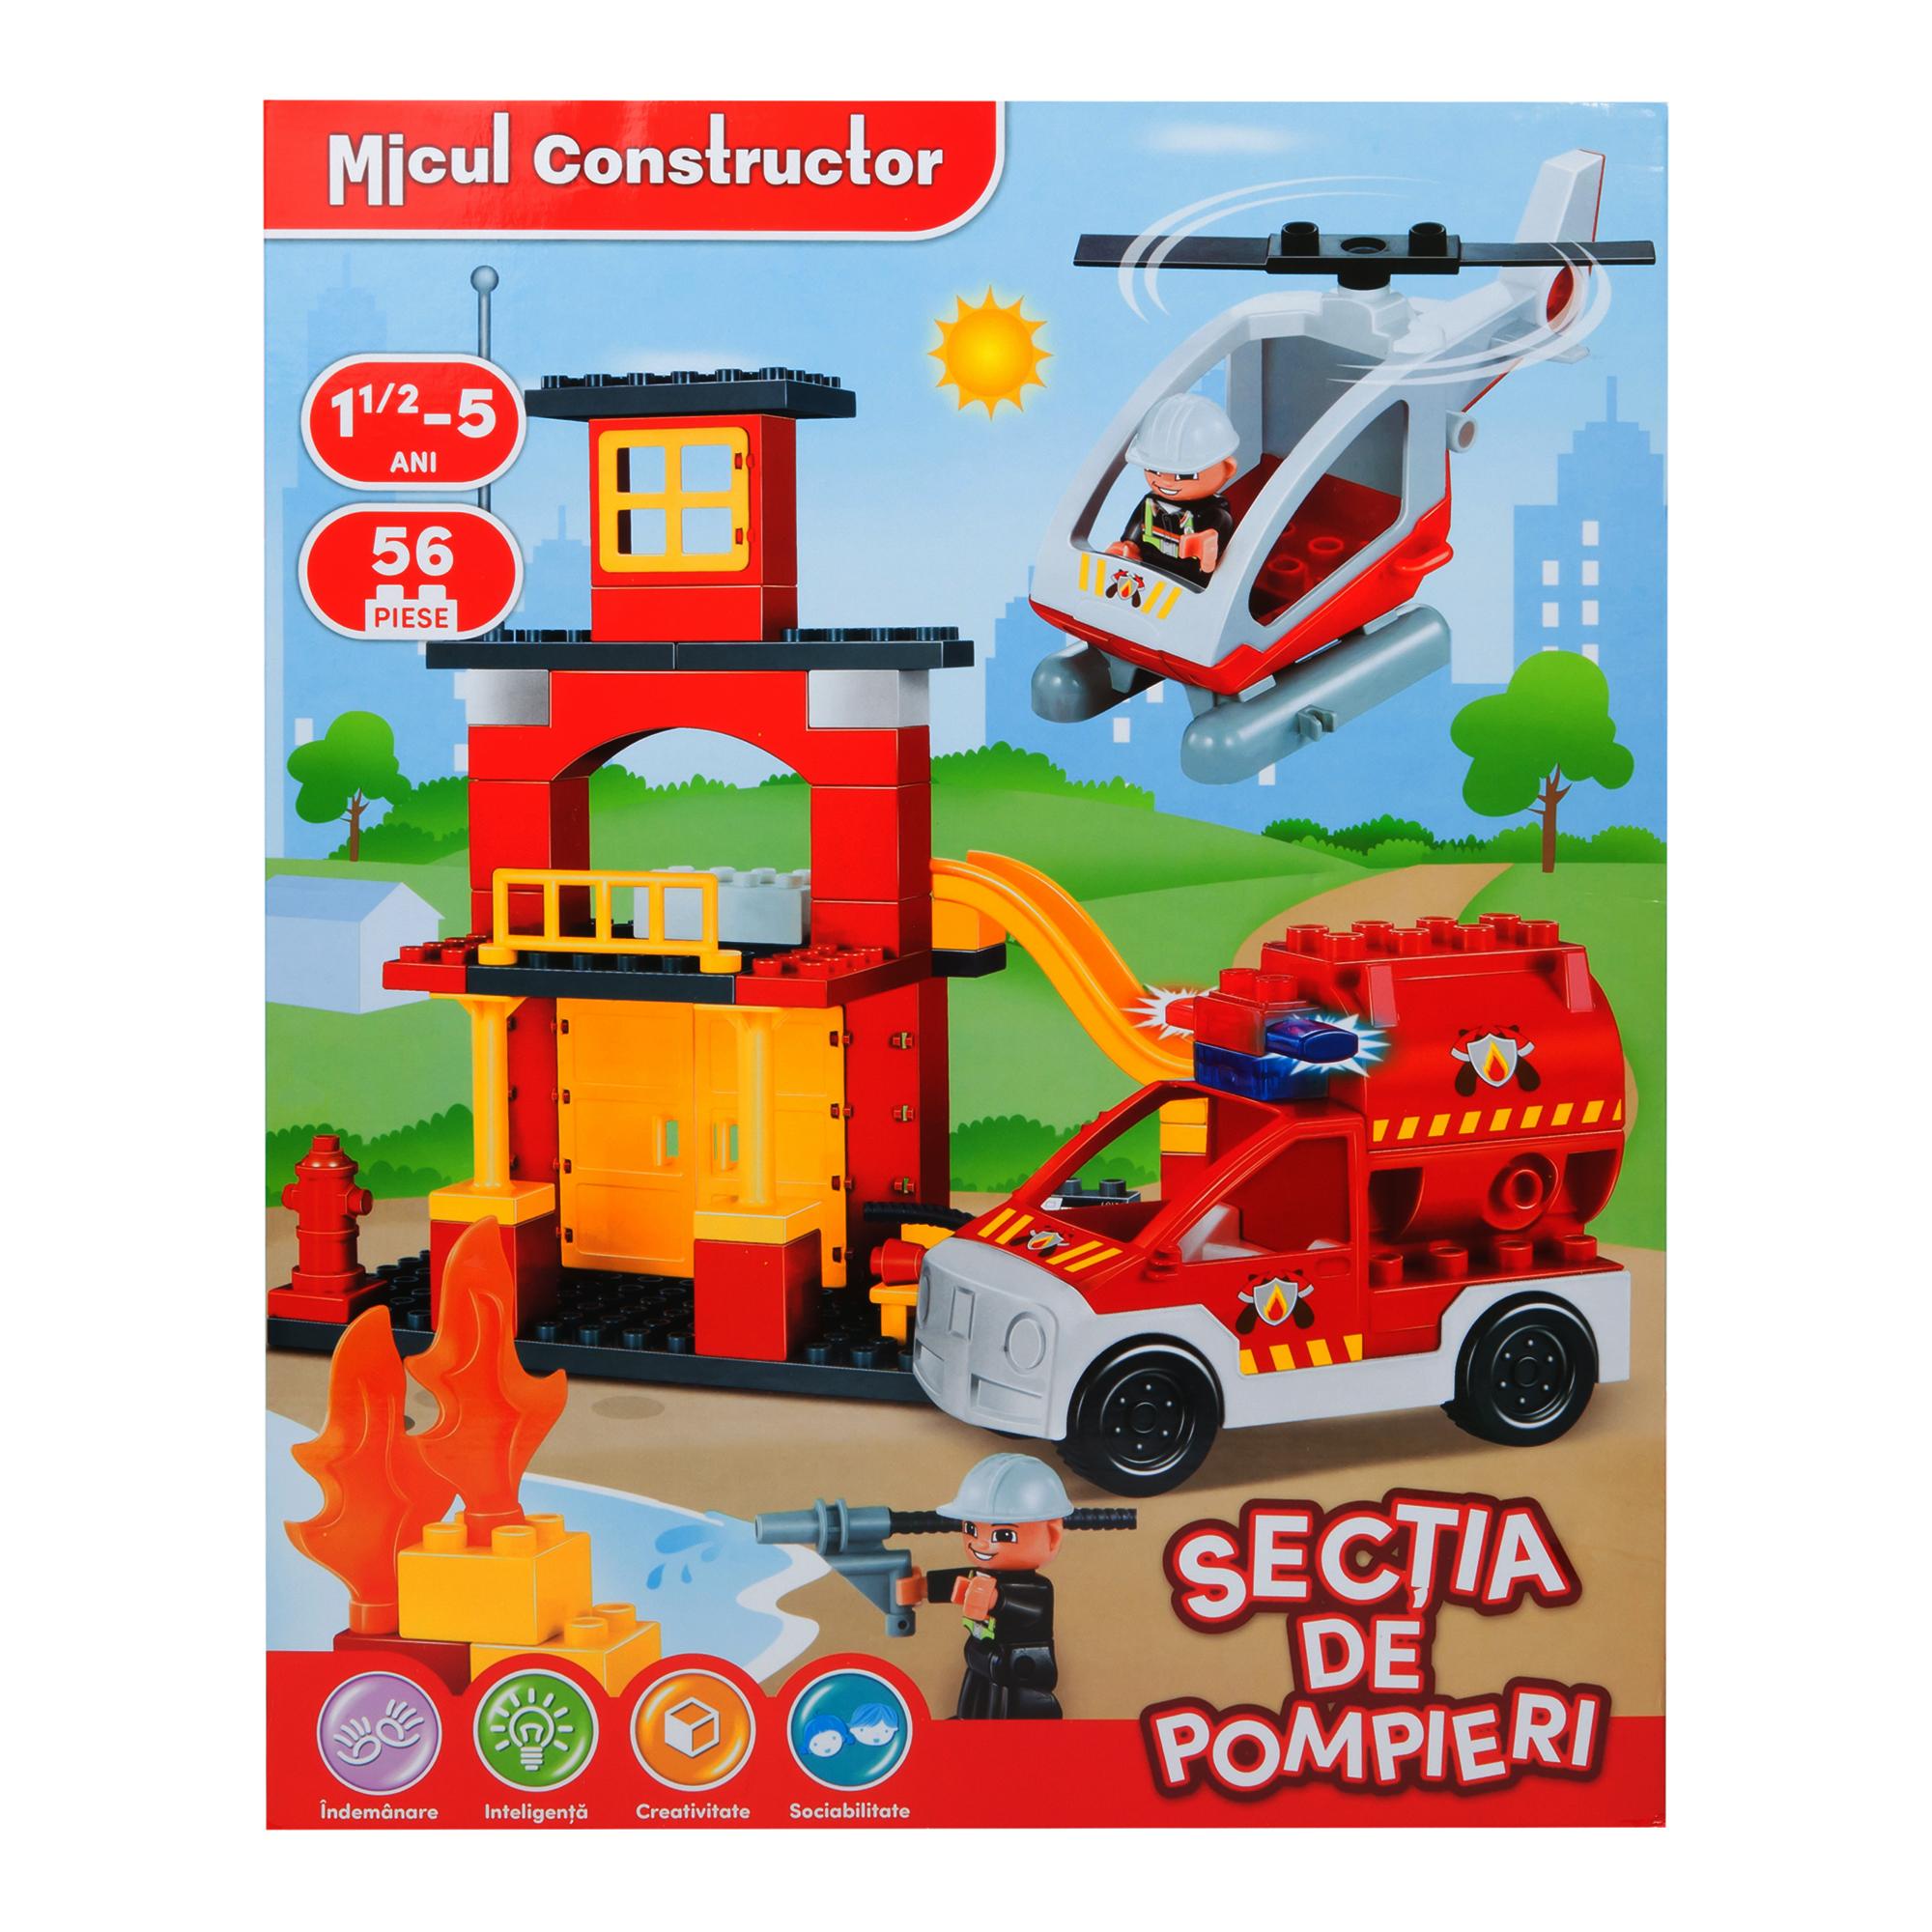 micul constructor - sectia de pompieri